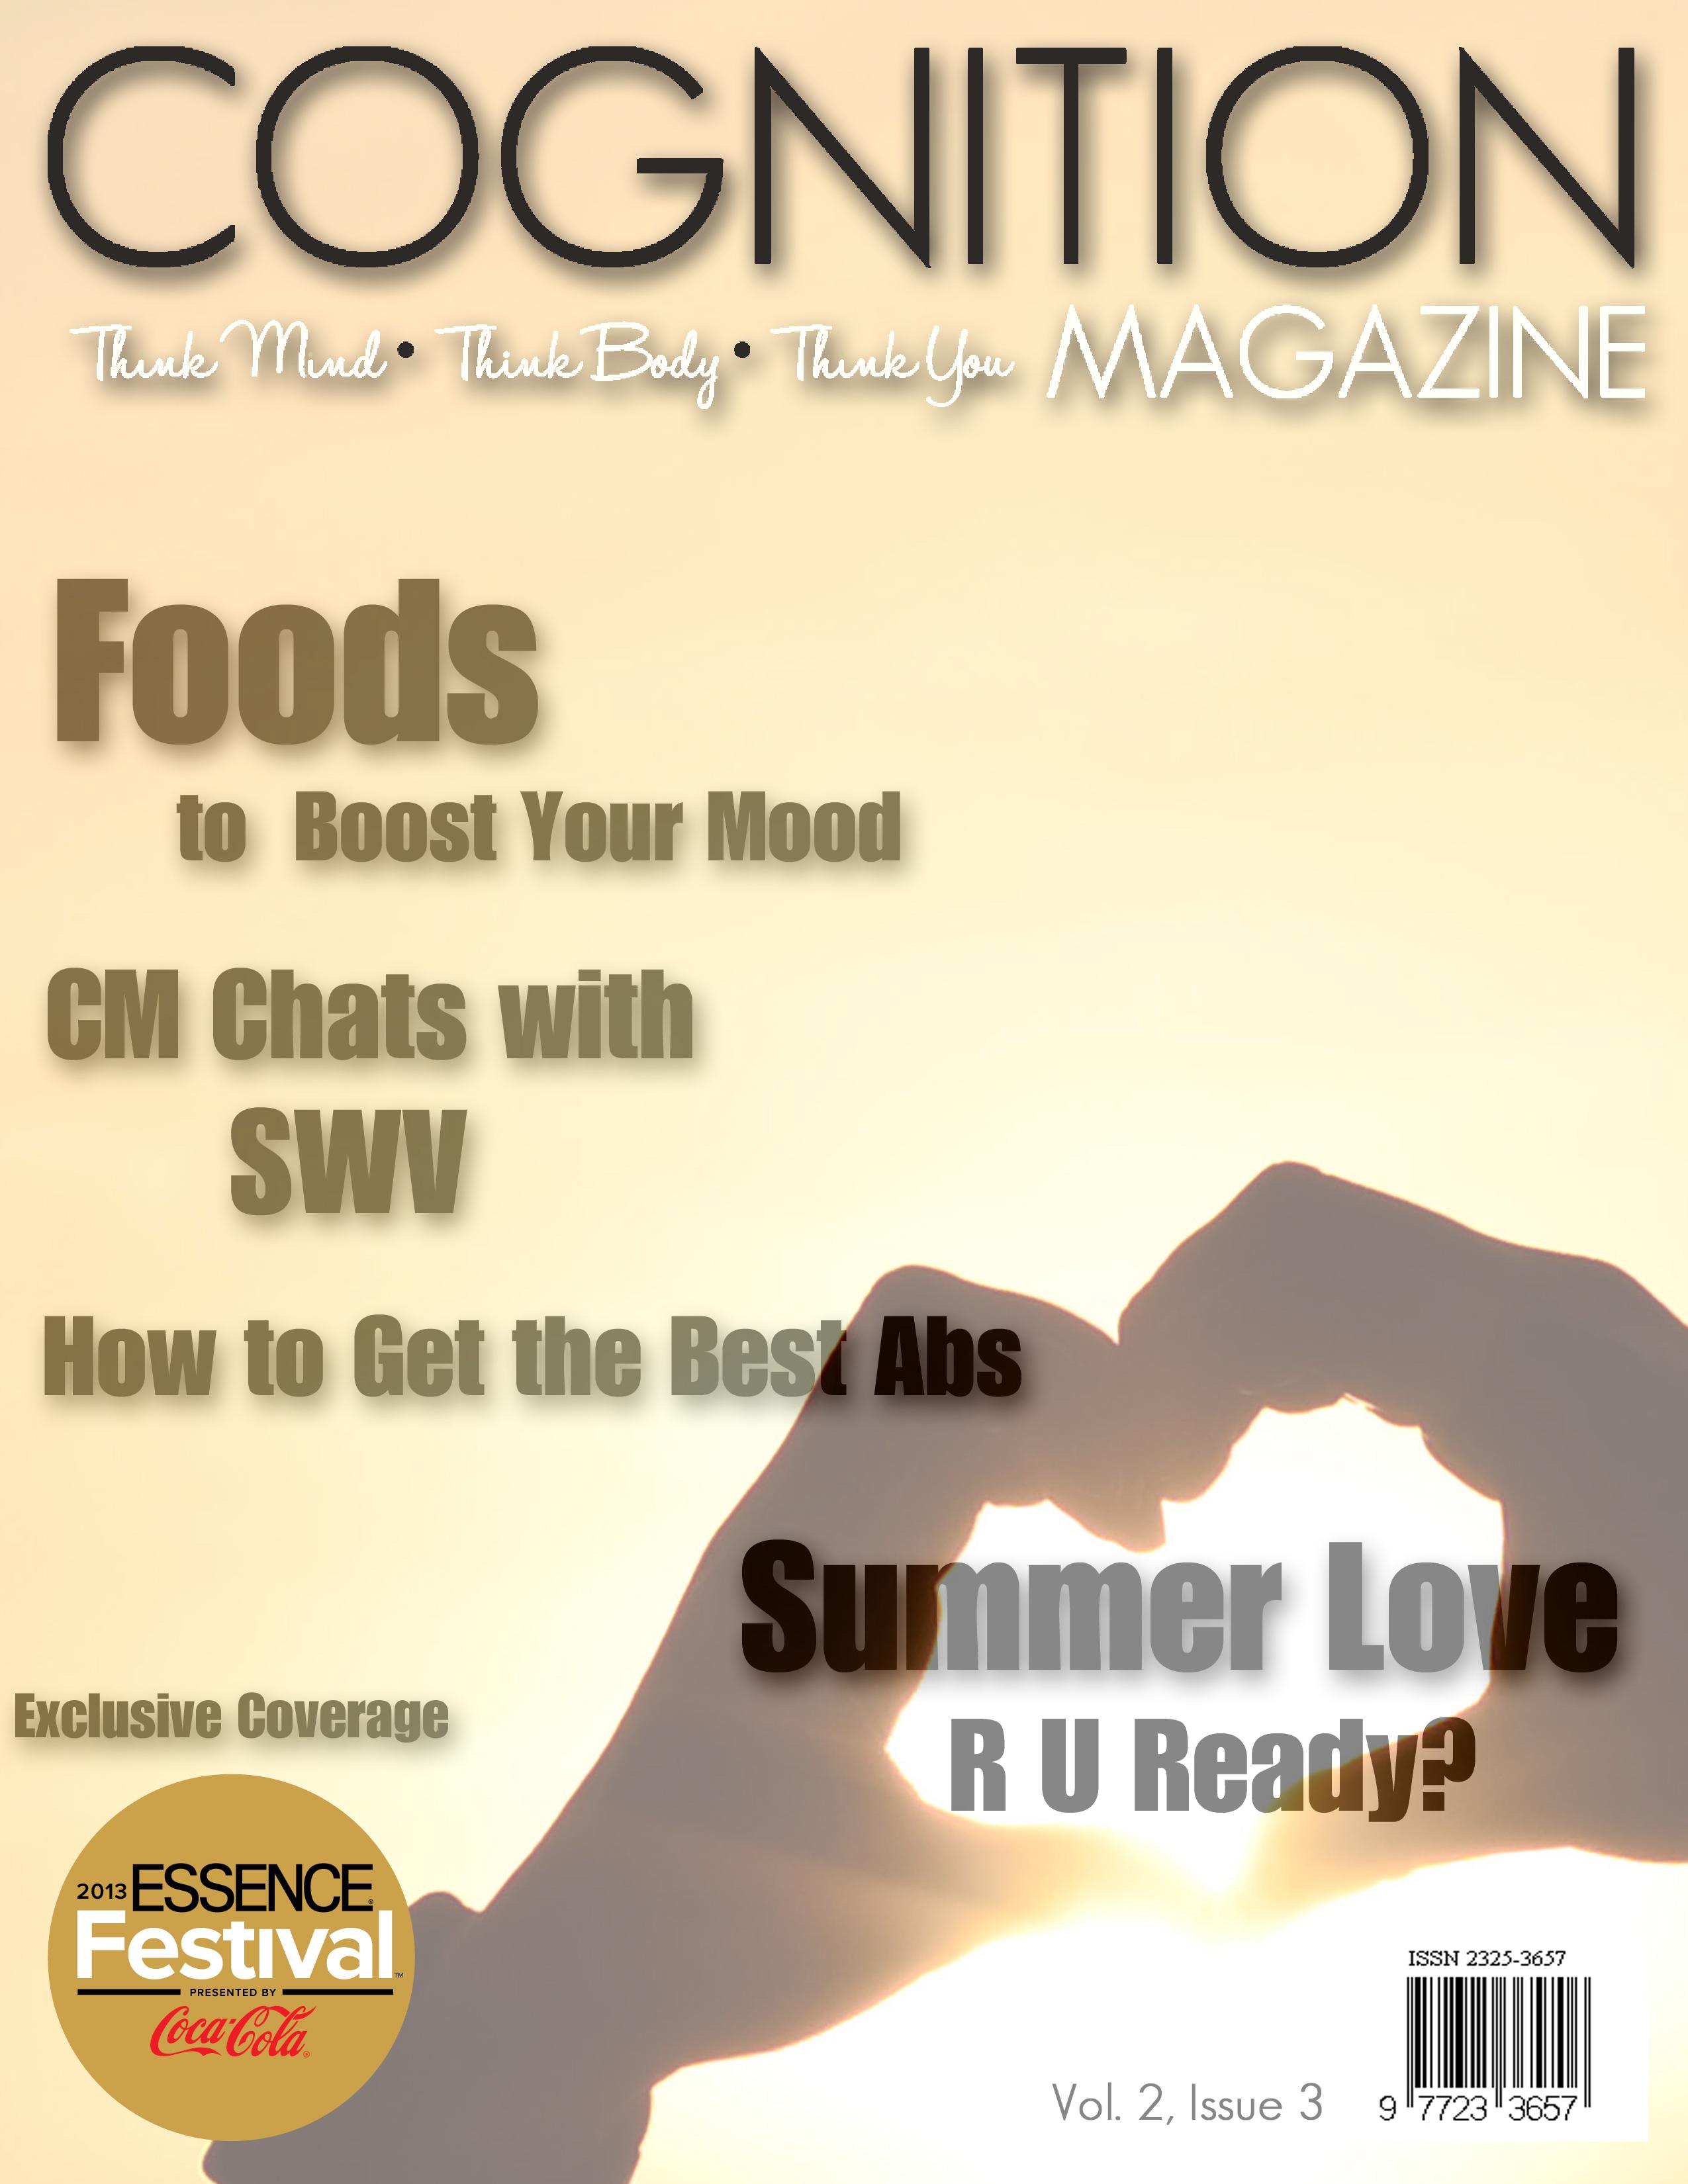 Volume 2, Issue 3